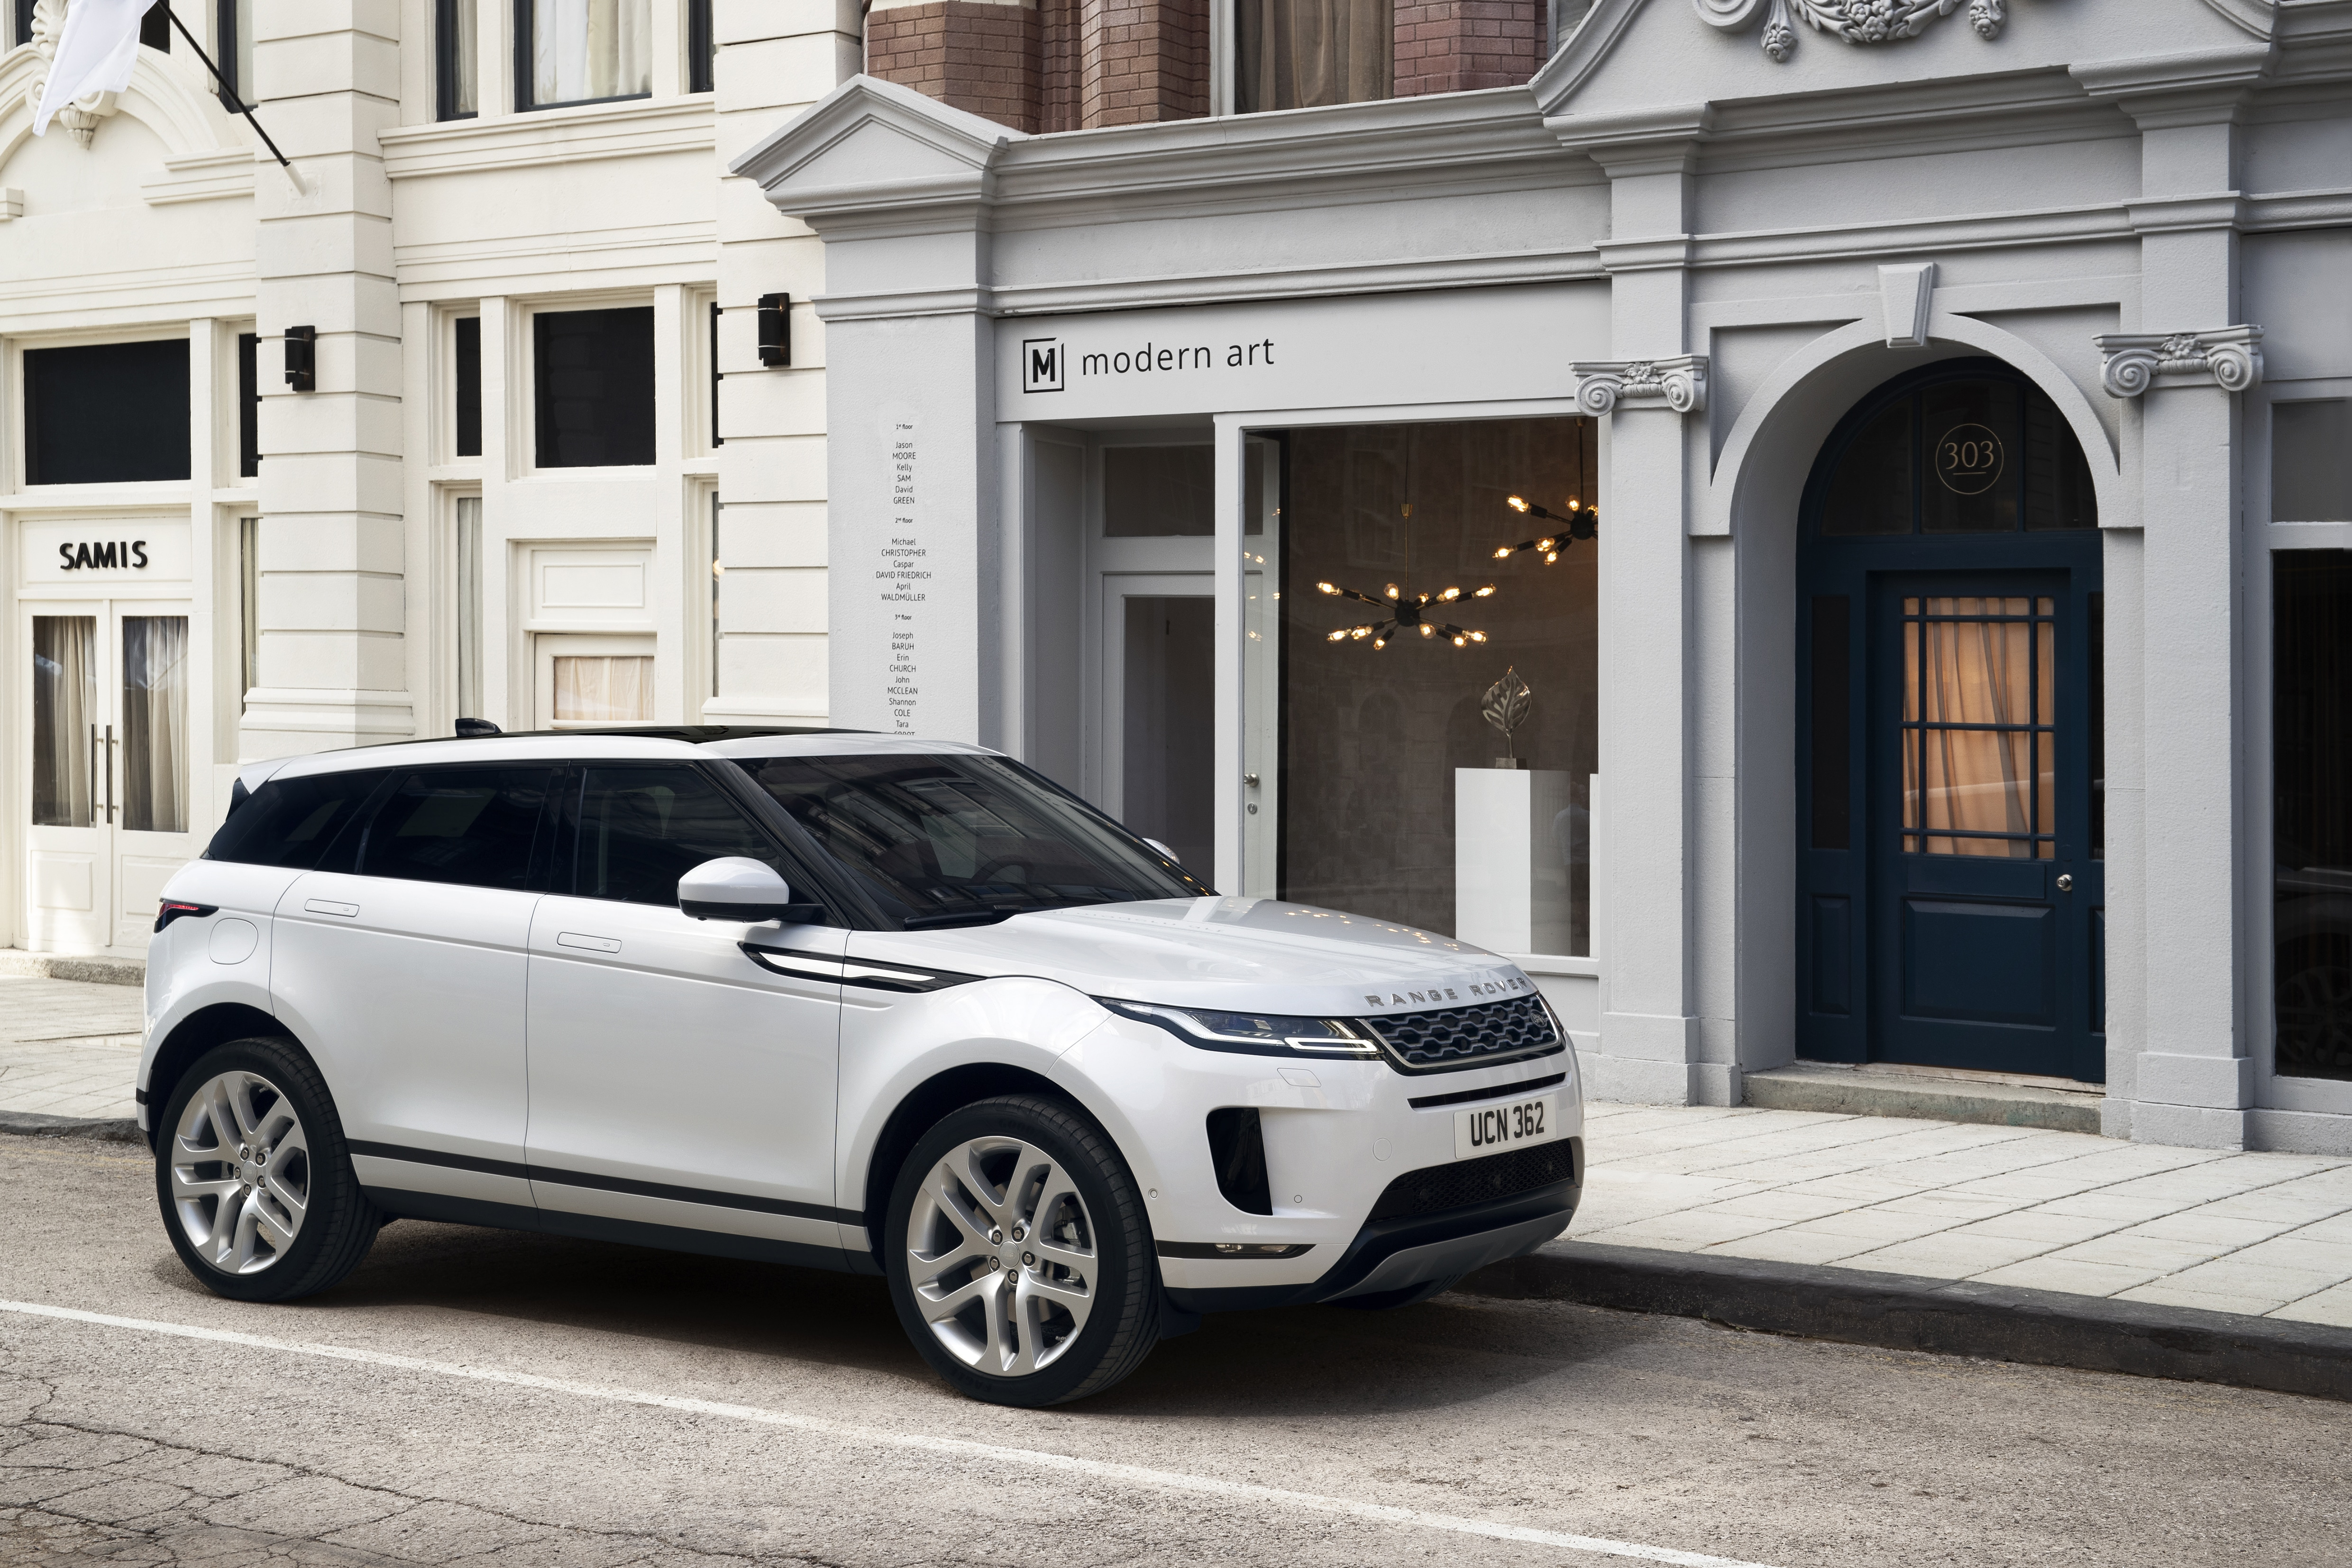 range rover evoque range rover evoque Range Rover Evoque: un suv di lusso per viaggiare in città rr evq 20my static nd 221118 10